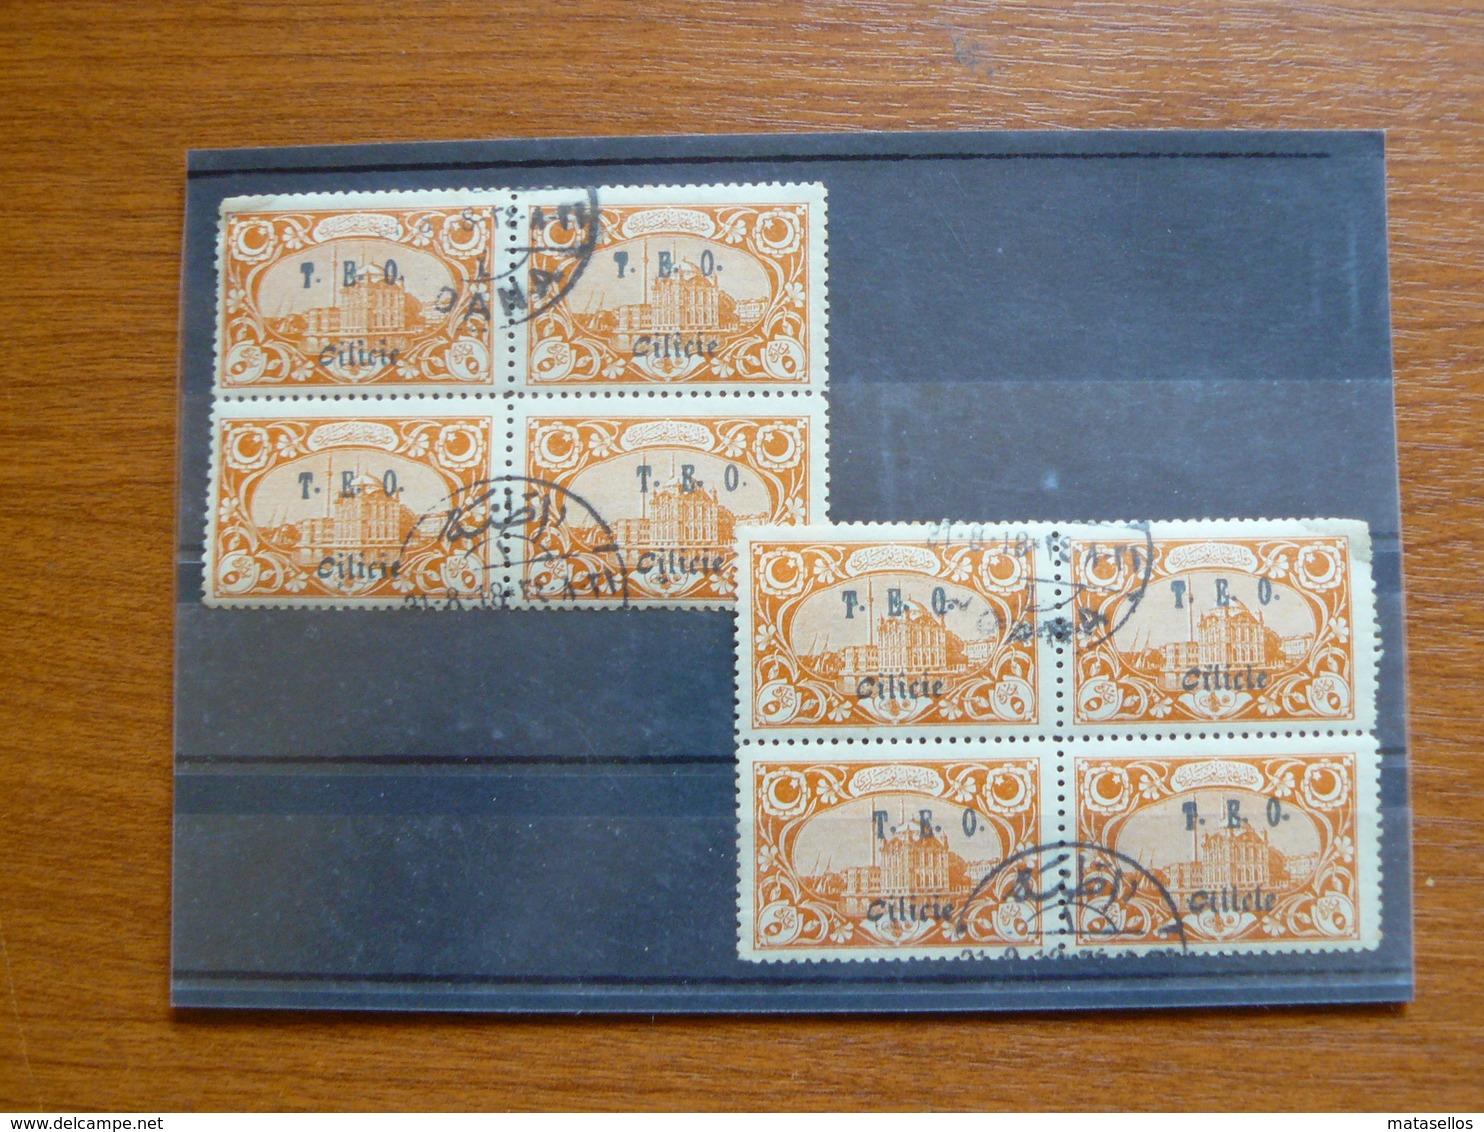 Estampillas Cilicia - Francia - Cilicie (1919-1921)